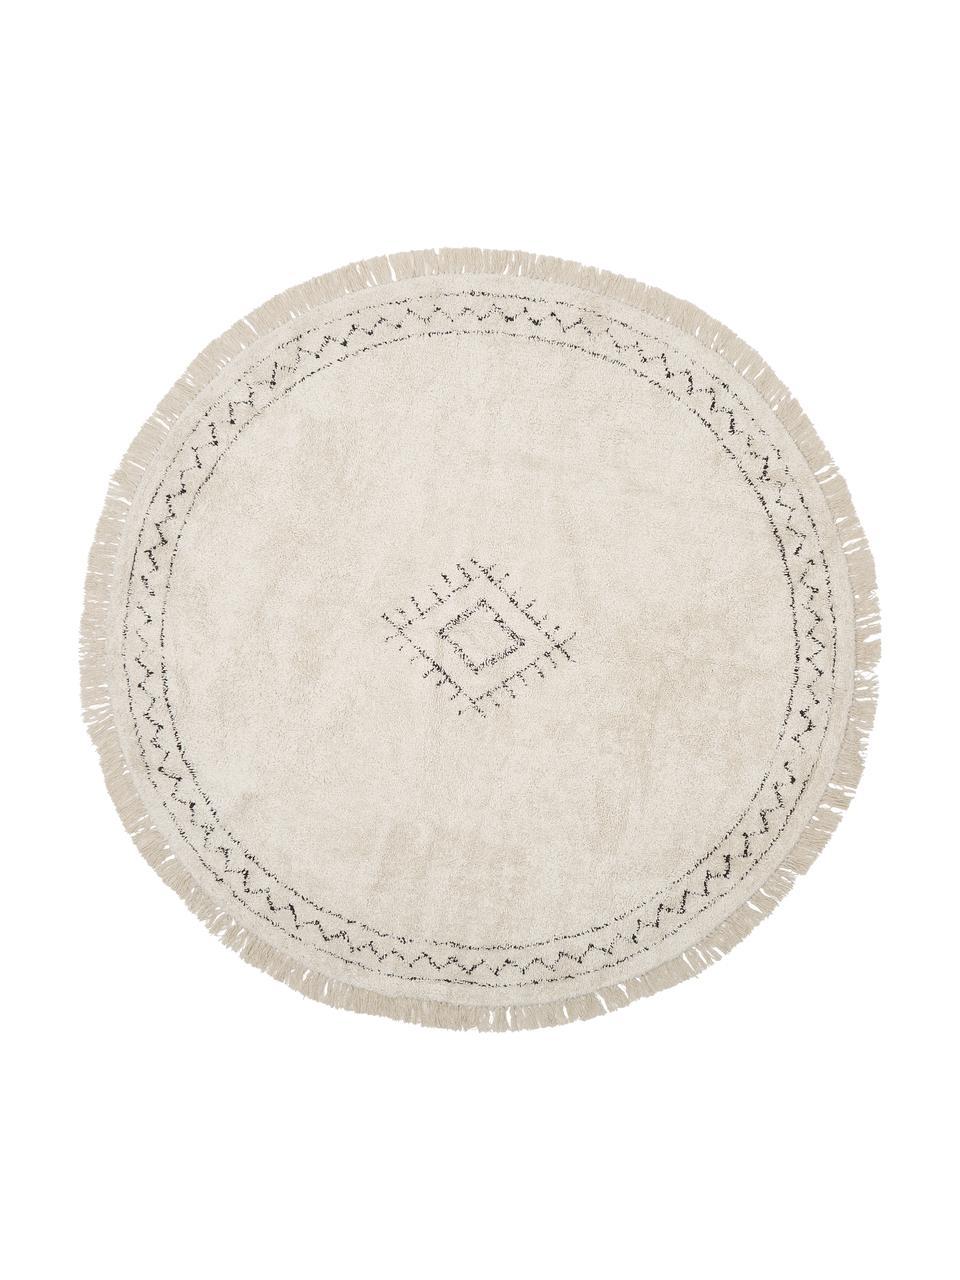 Runder Boho-Baumwollteppich Frame mit Fransen, handgetuftet, 100% Baumwolle, Beige, Schwarz, Ø 150 cm (Größe M)